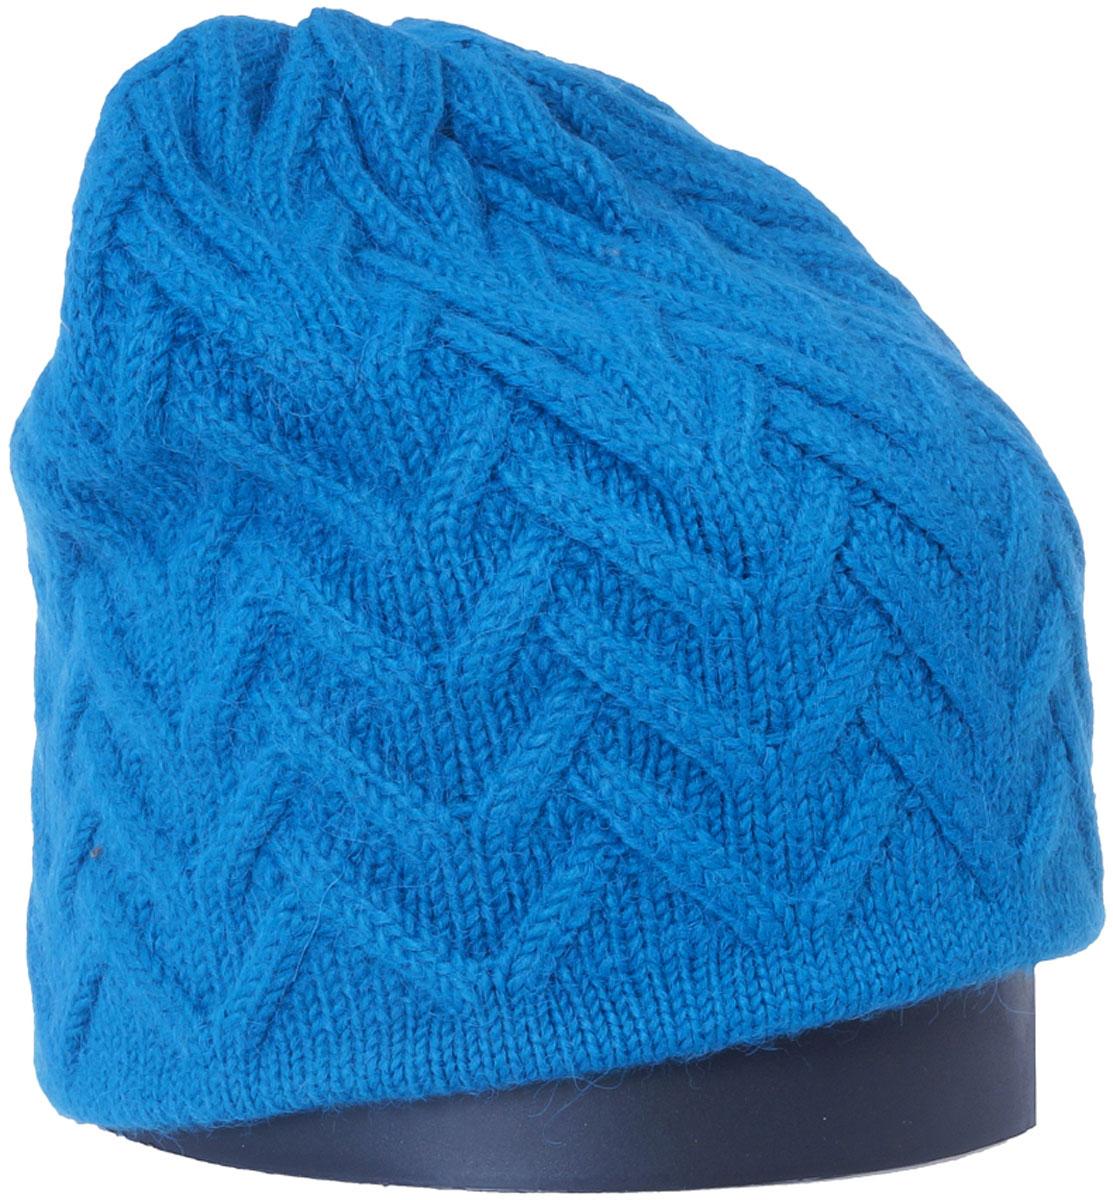 Шапка женская Vittorio Richi, цвет: бирюза. Aut141936V-19/17. Размер 56/58Aut141936VСтильная женская шапка Vittorio Richi отлично дополнит ваш образ в холодную погоду. Модель, изготовленная из высококачественных материалов, максимально сохраняет тепло и обеспечивает удобную посадку. Шапка дополнена ажурной вязкой. Привлекательная стильная шапка подчеркнет ваш неповторимый стиль и индивидуальность.